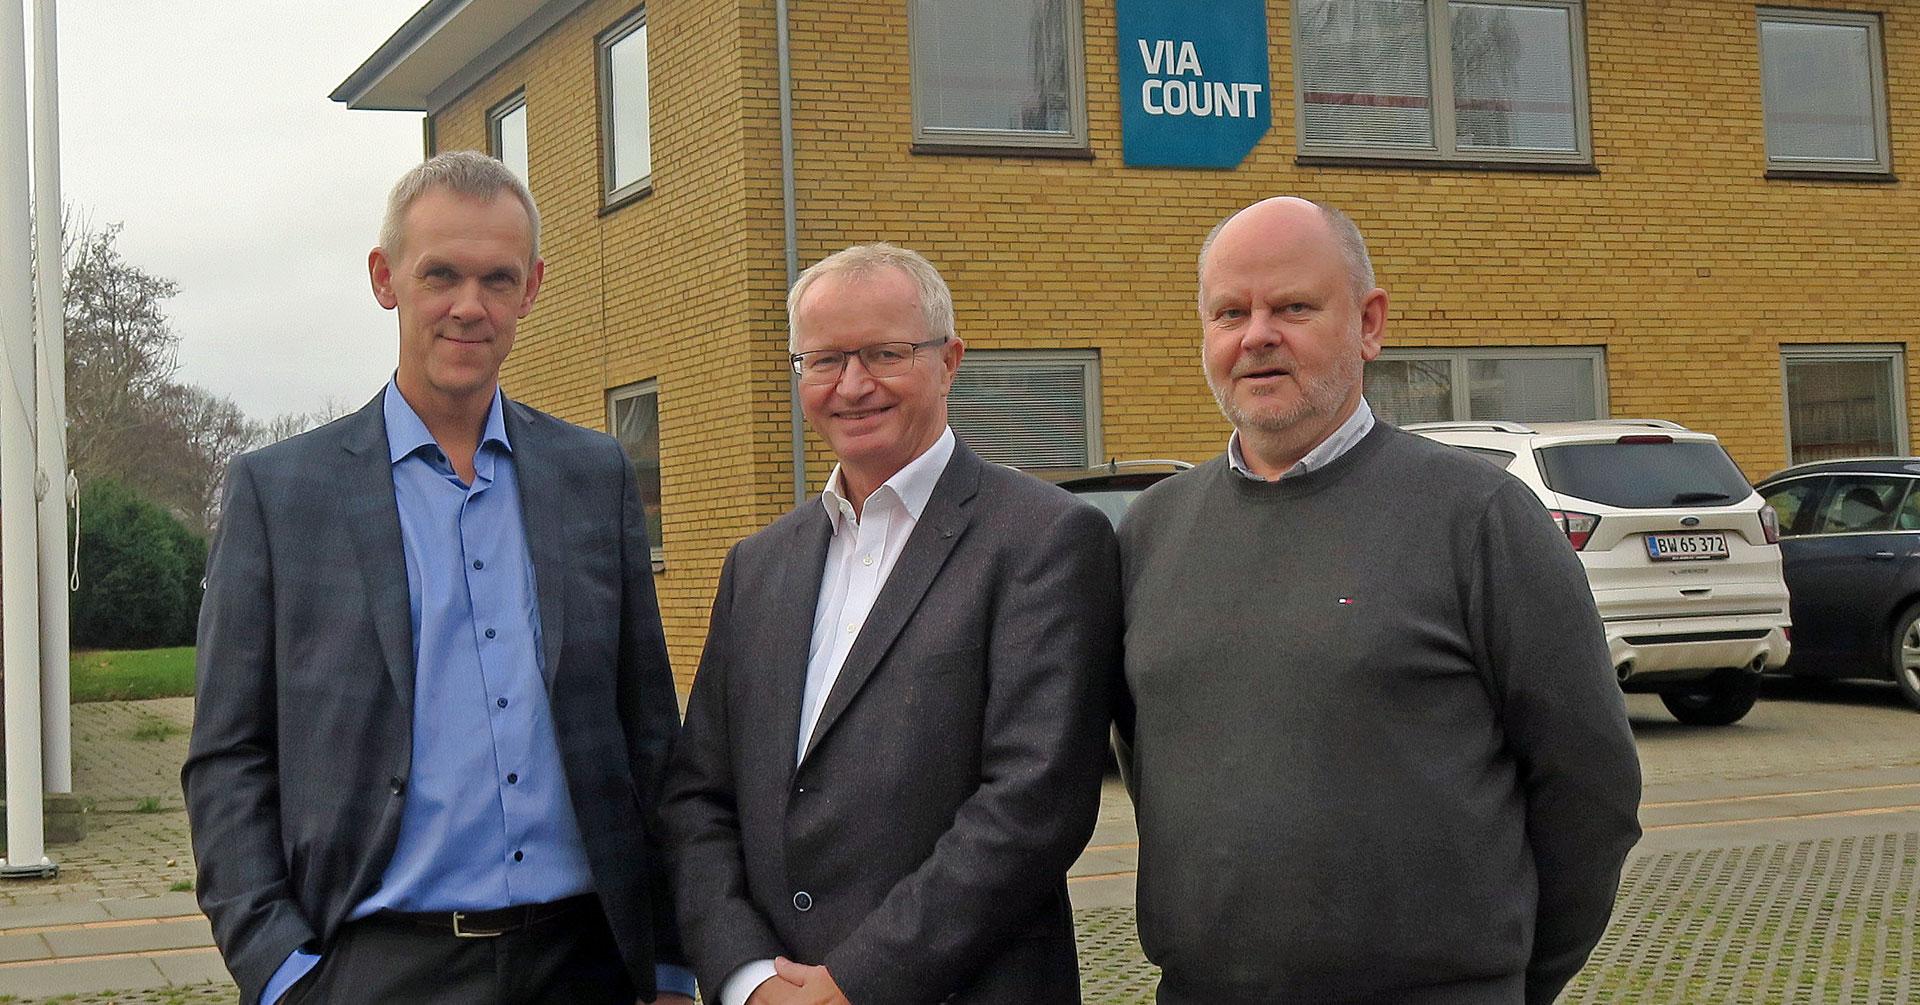 SLF sælger revisionsselskabet ViaCount til Tønder Revision Tønder Revision overtager revisionsselskabet ViaCount pr. 1. januar 2019. SLF ønsker at koncentrere sig om hovedforretningsområdet med service og rådgivning til landbrugskunder.